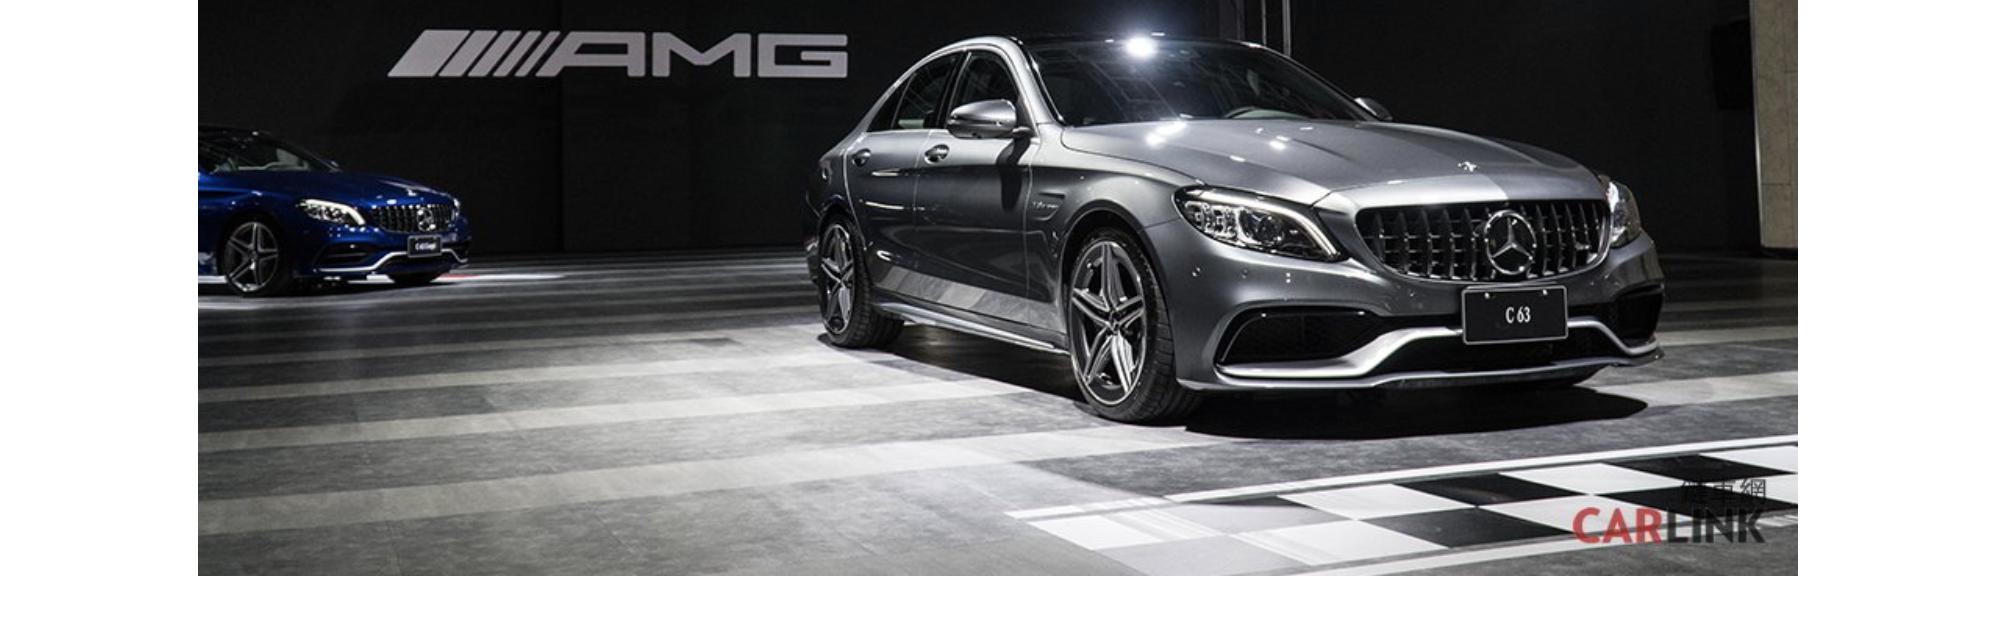 九速變速箱上身!小改款Mercedes-AMG C 63 497萬元正式上市